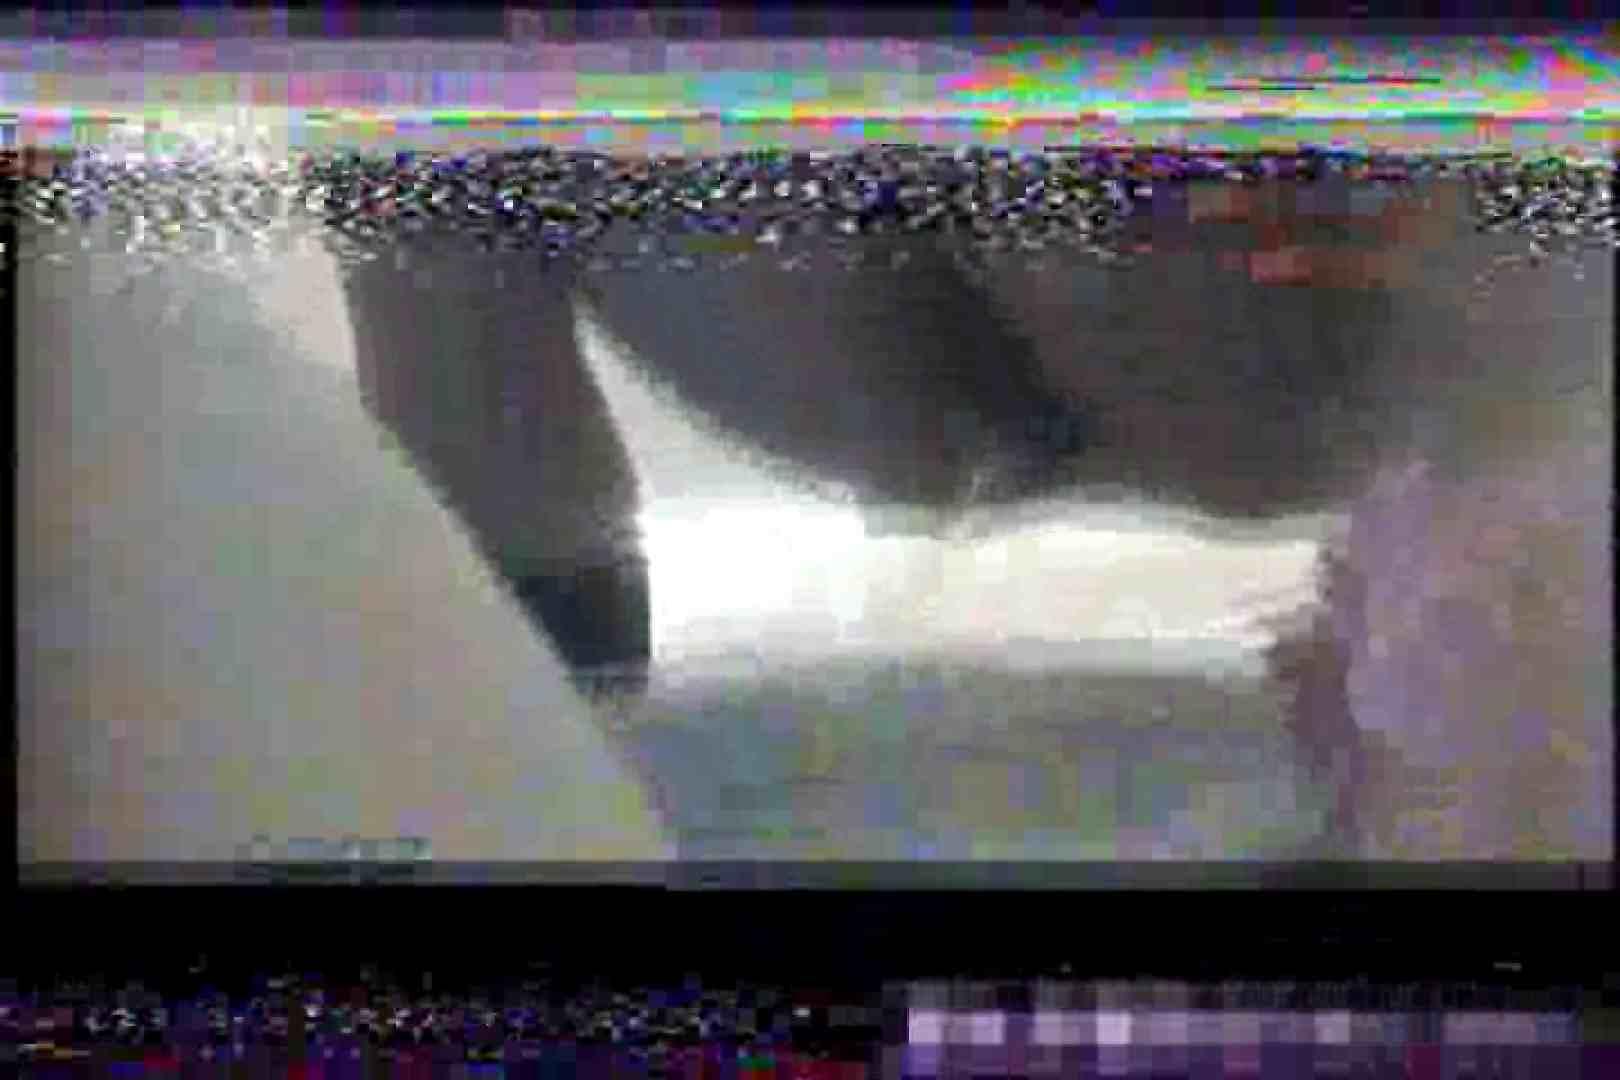 2点盗撮洗面所潜入レポートVol.1 フリーハンド  61pic 56